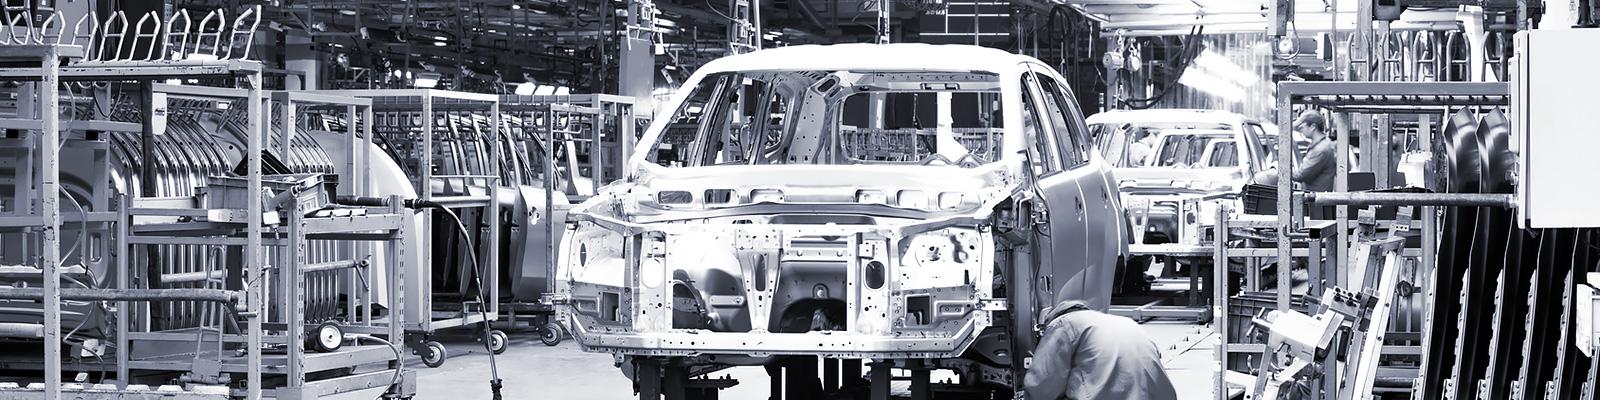 自動車 製造 イメージ